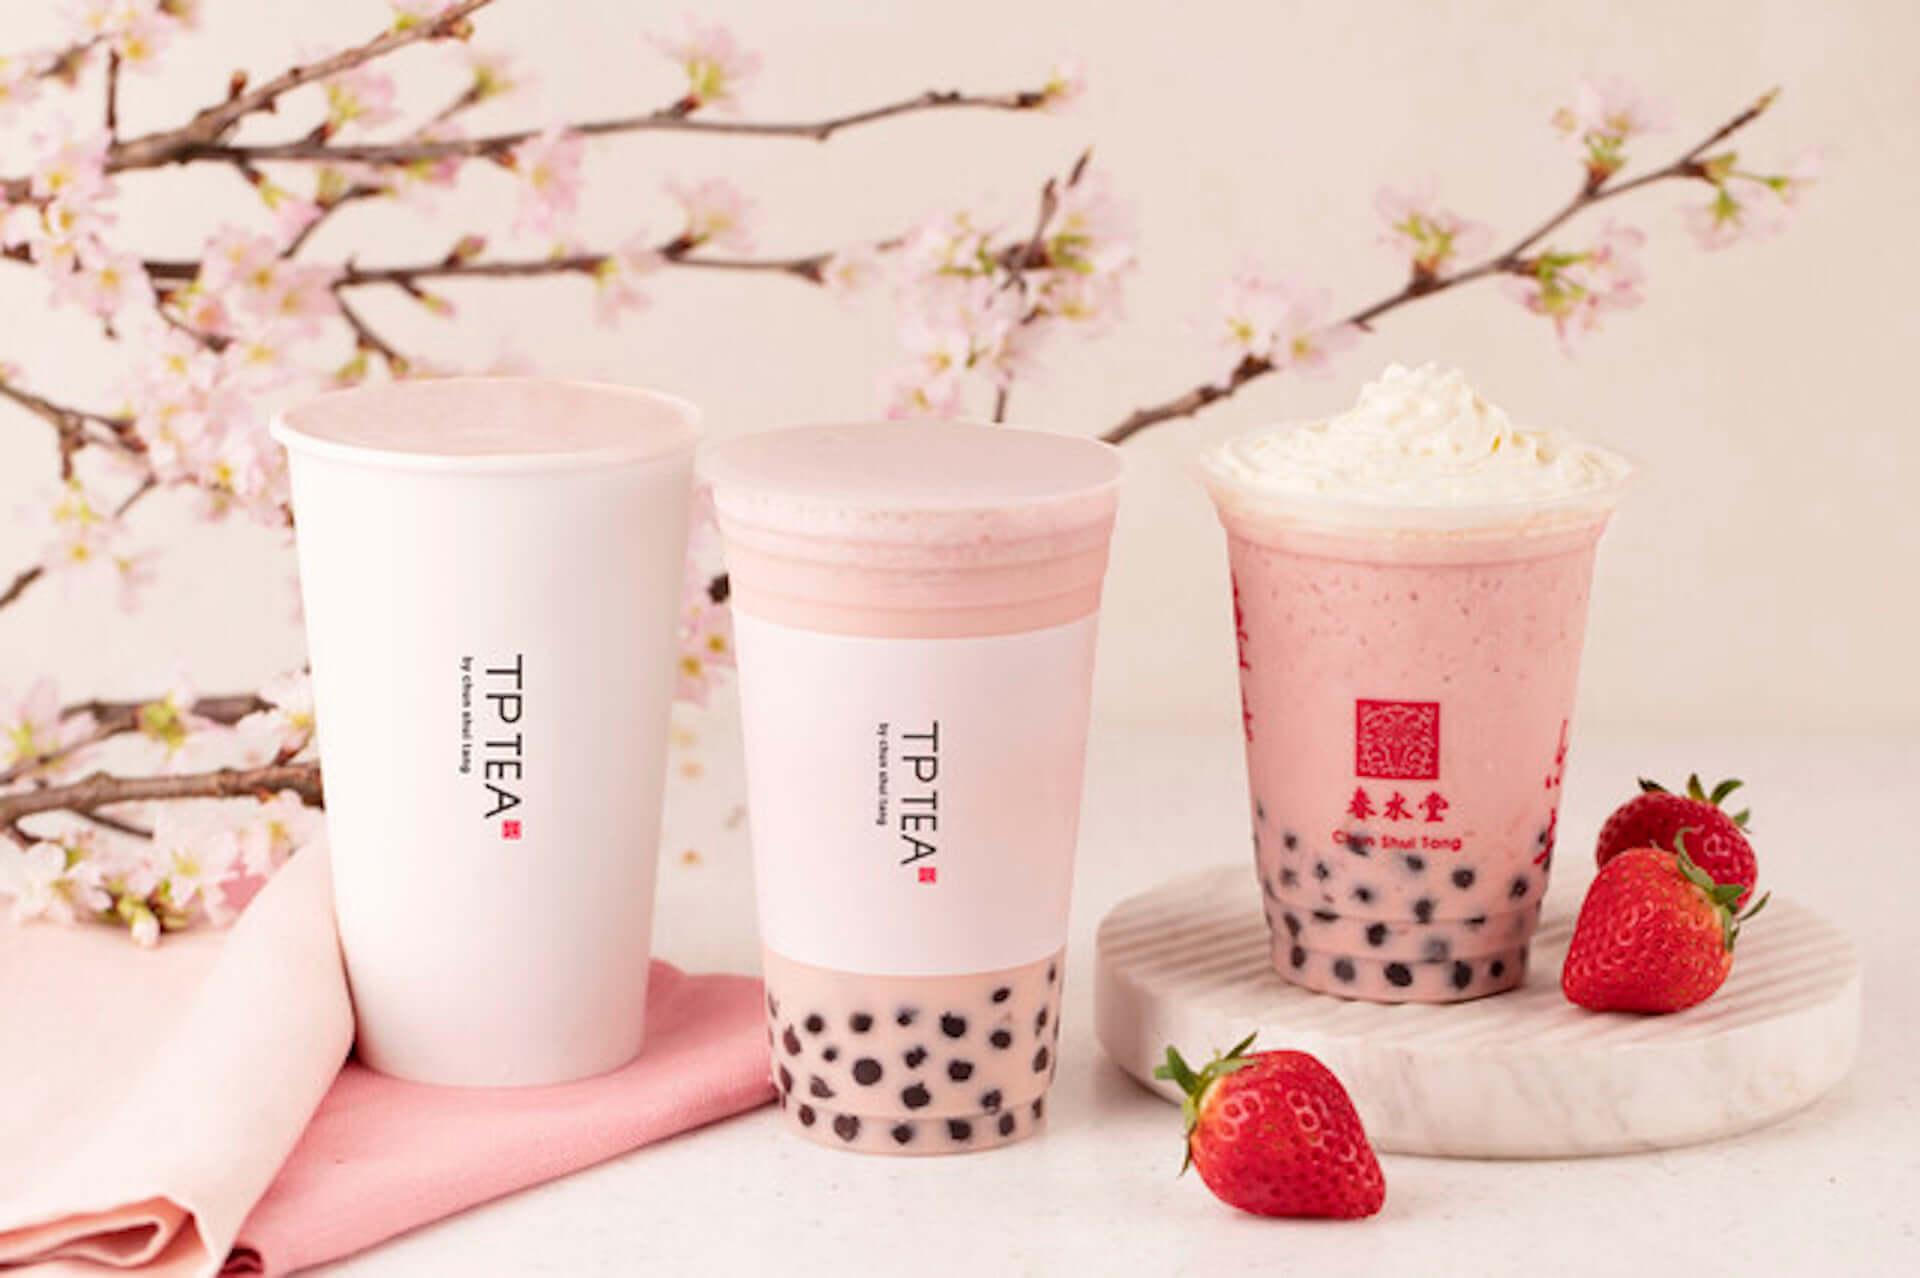 タピオカミルクティー発祥・TP TEAから春薫る『タピオカ桜ラテ』が3月末まで限定販売!『タピオカ麦茶ラテ』など新たなアレンジティーも gourmet200214_tptea_6-1920x1278